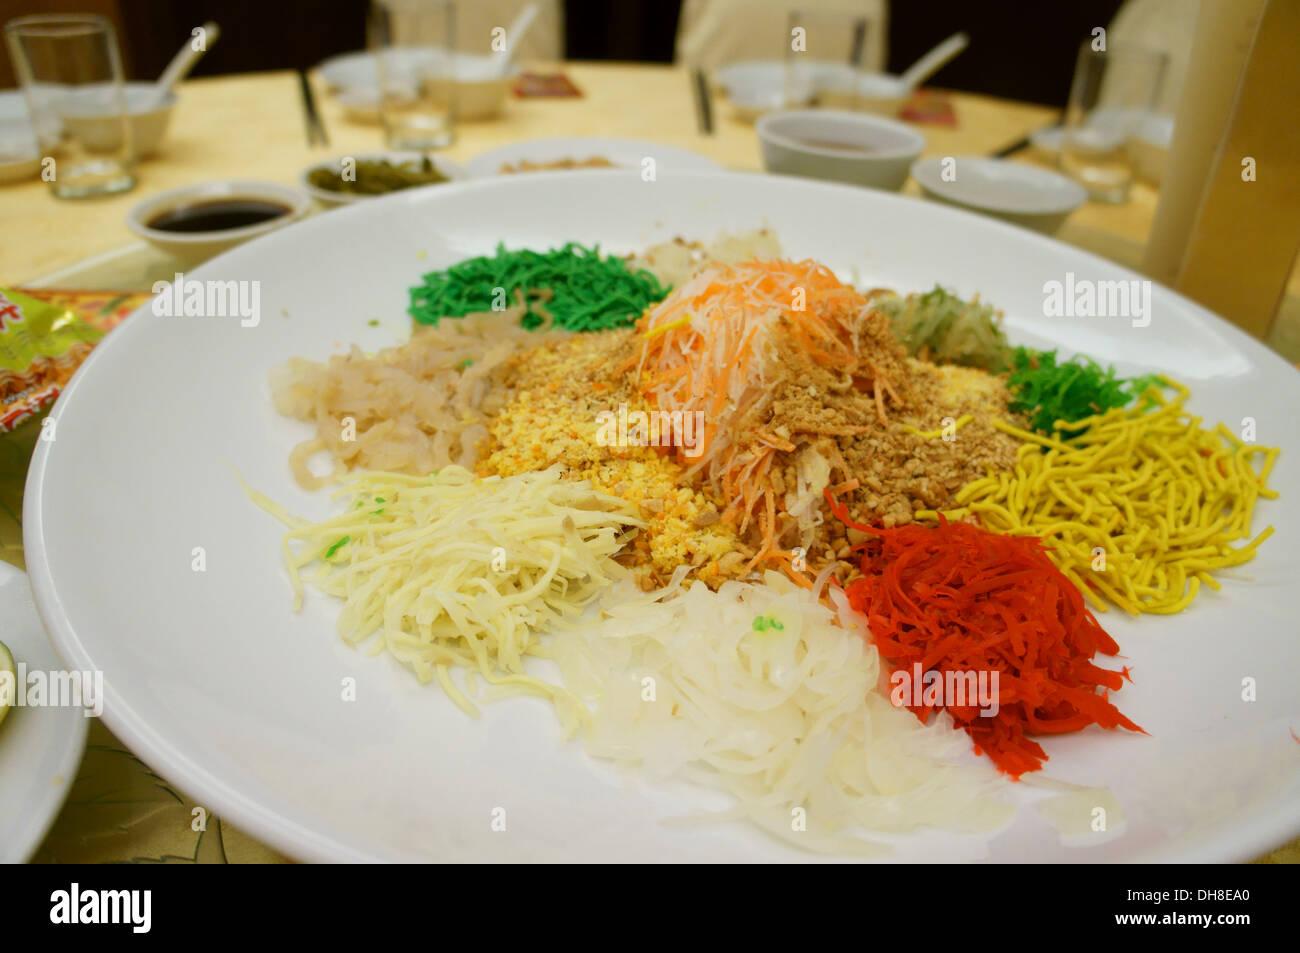 Yee sang oder Wohlstand zu werfen, Salat mit rohem Fisch, Chinese New Year im Süd-ostasiatischen Ländern feiern Stockbild